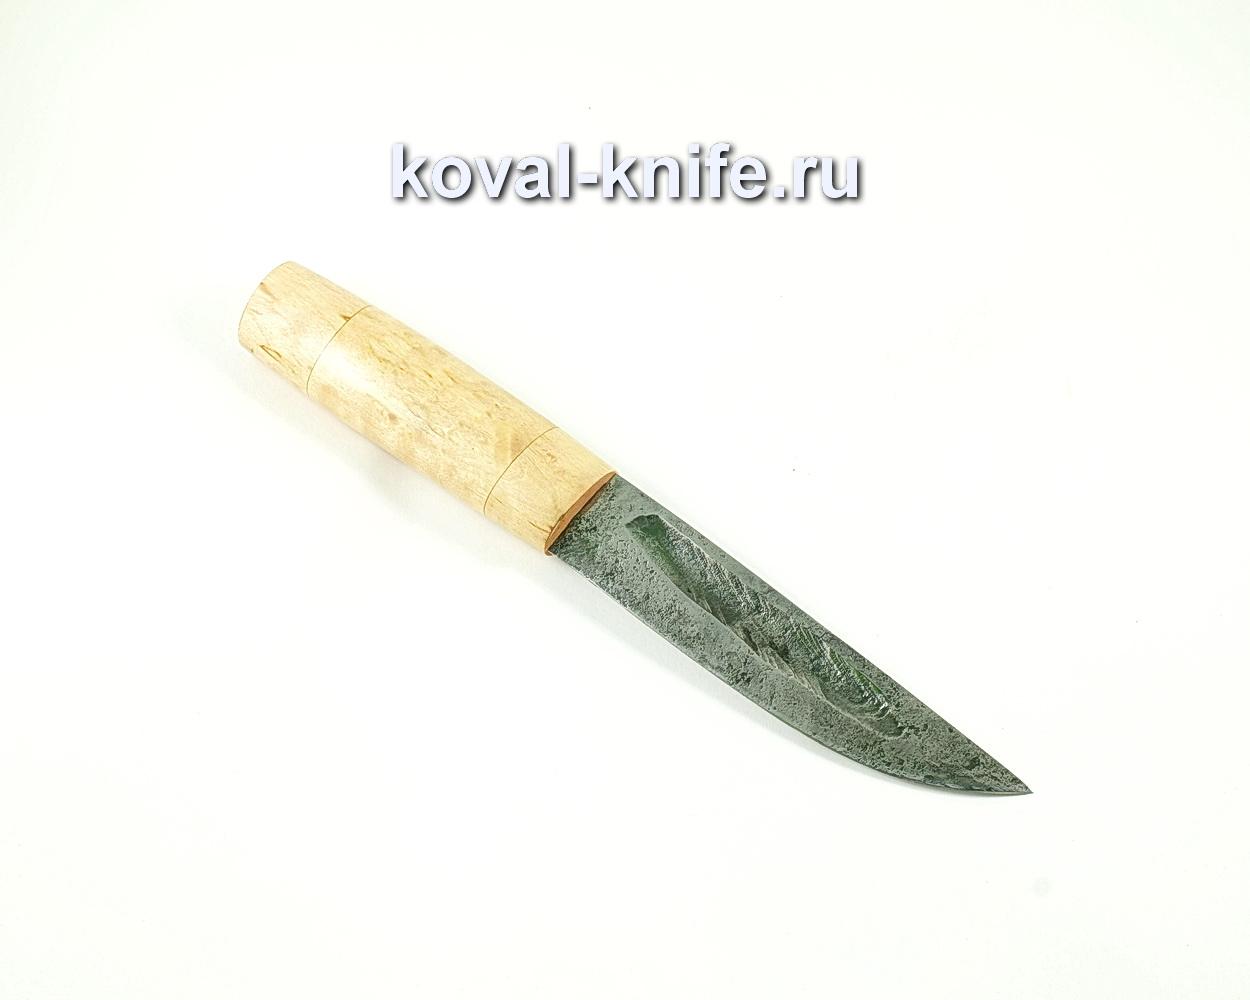 Нож Якут (сталь 9хс), рукоять карельская береза A132